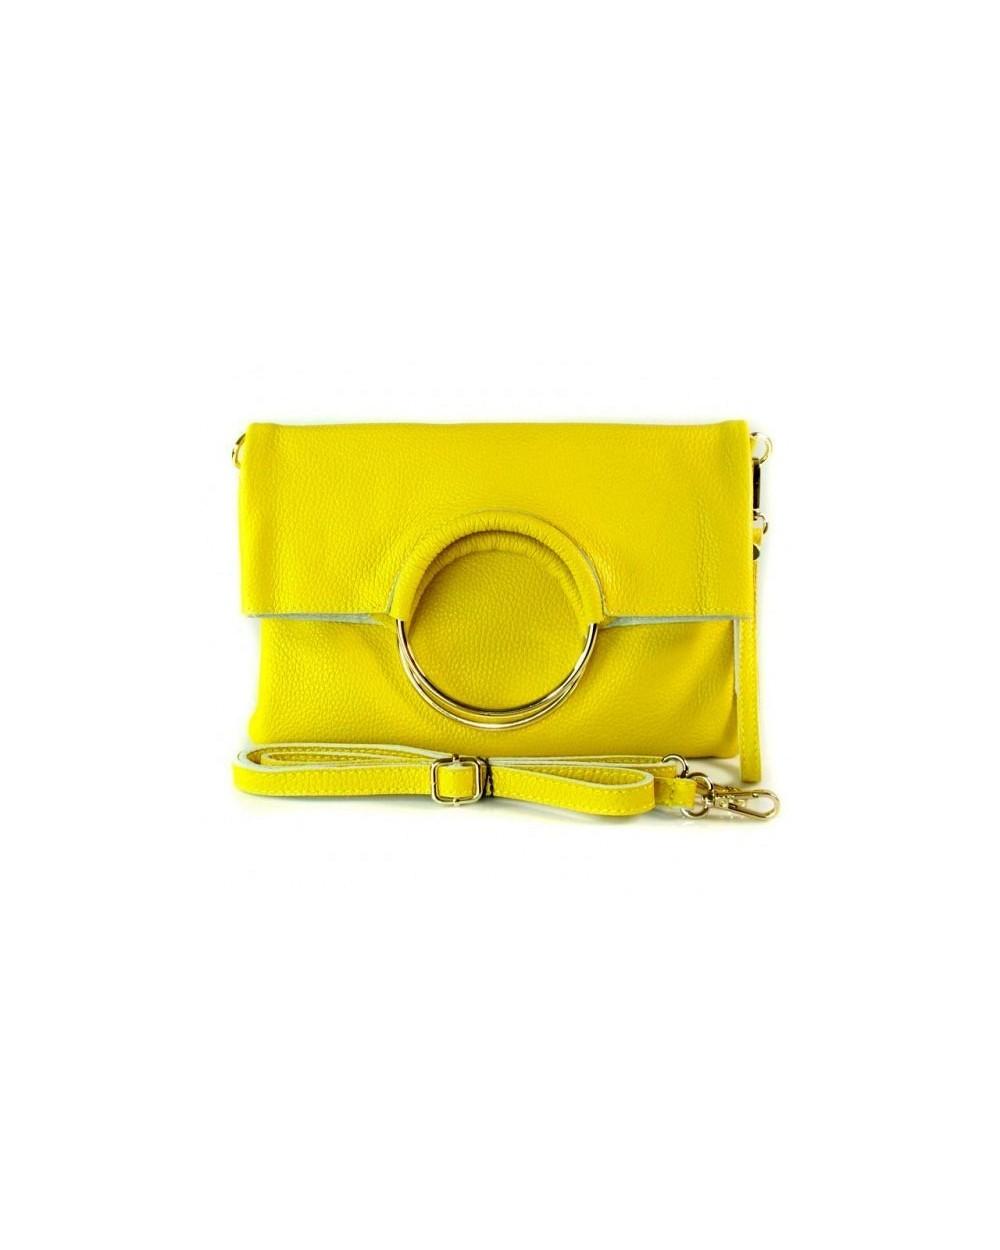 9a61a00e35970 Niesamowita torebka włoska 3 w 1 listonoszka shopper żółta - Sklep ...